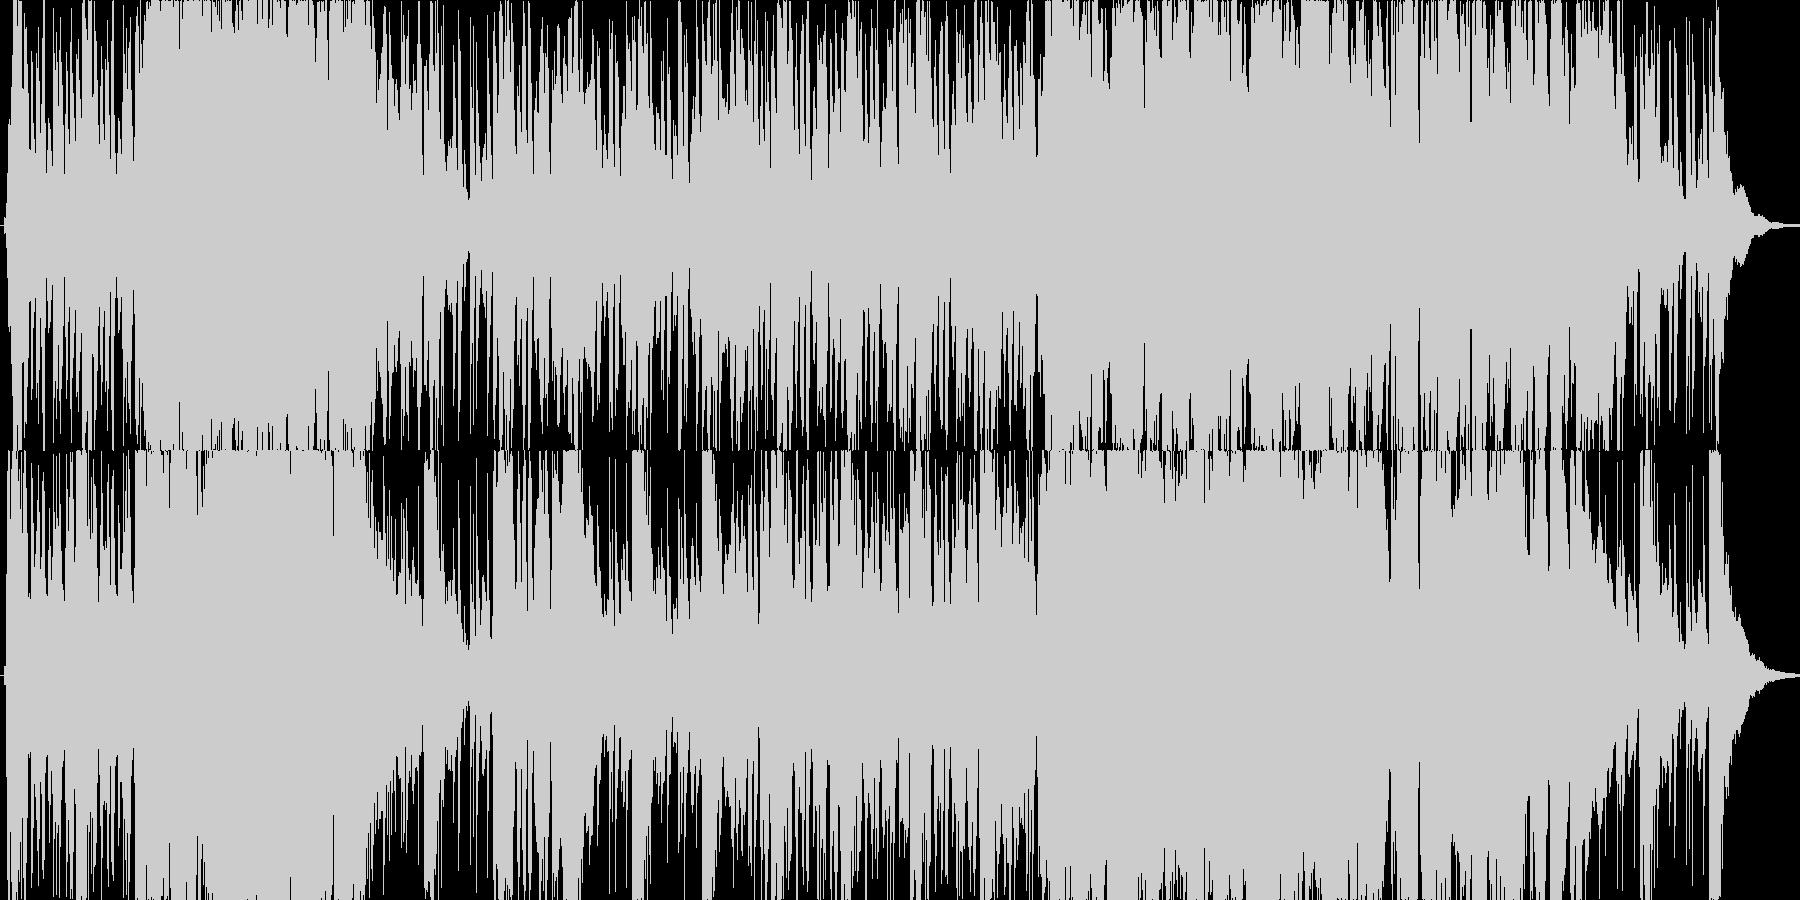 爽やかで軽快なリズムのオーケストラの未再生の波形